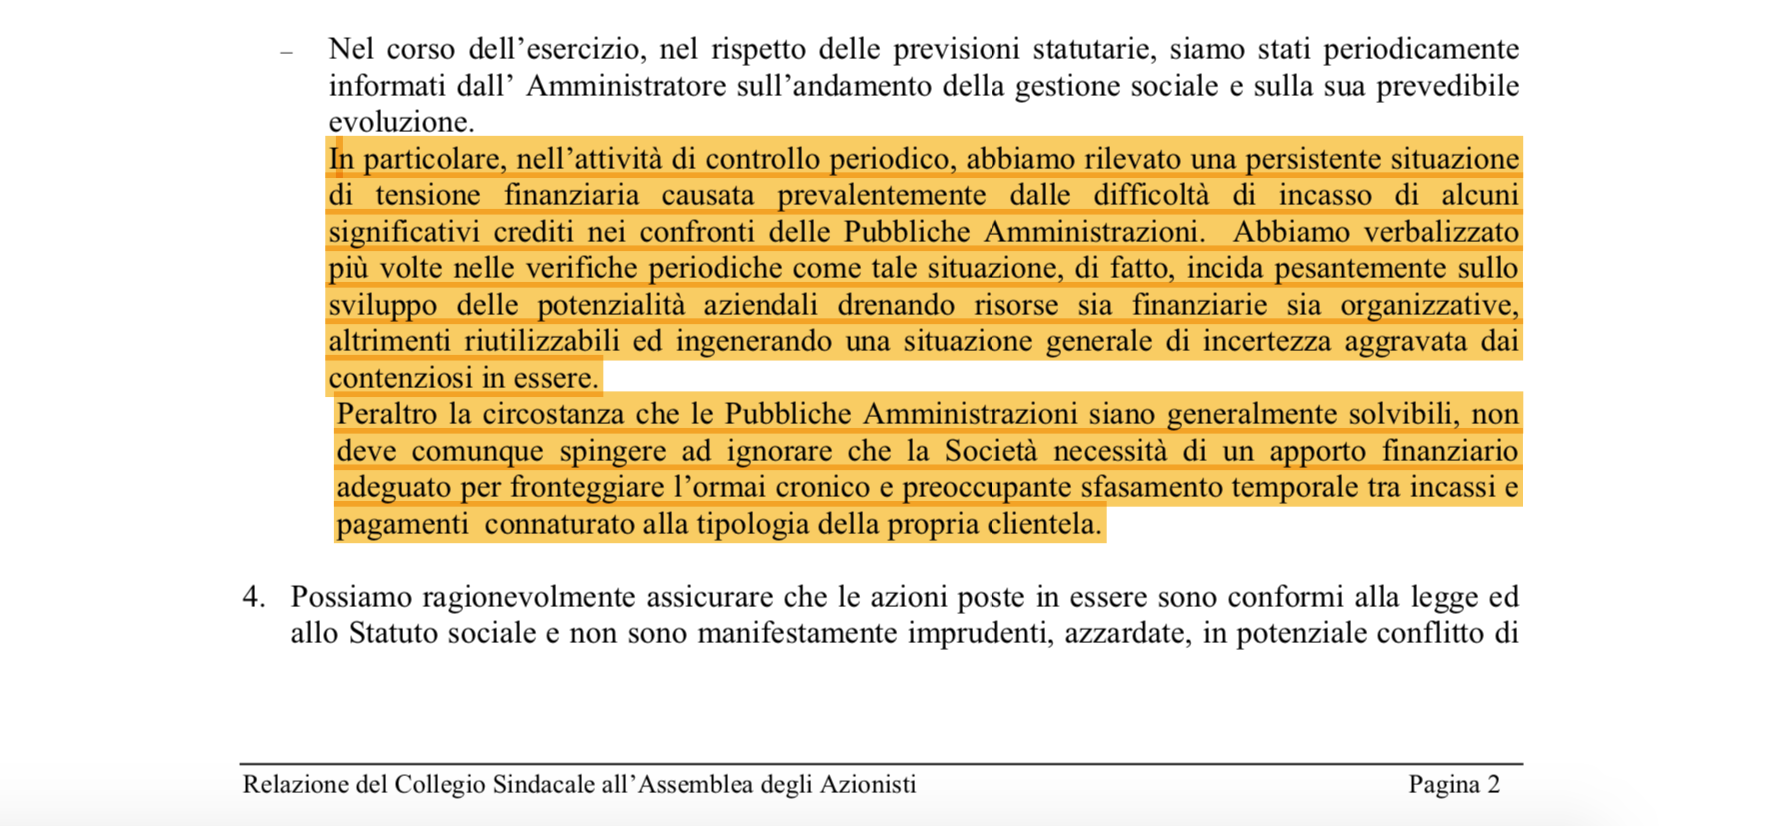 L'estratto della relazione del collegio sindacale della ICOM tratto dal bilancio 2006 della società